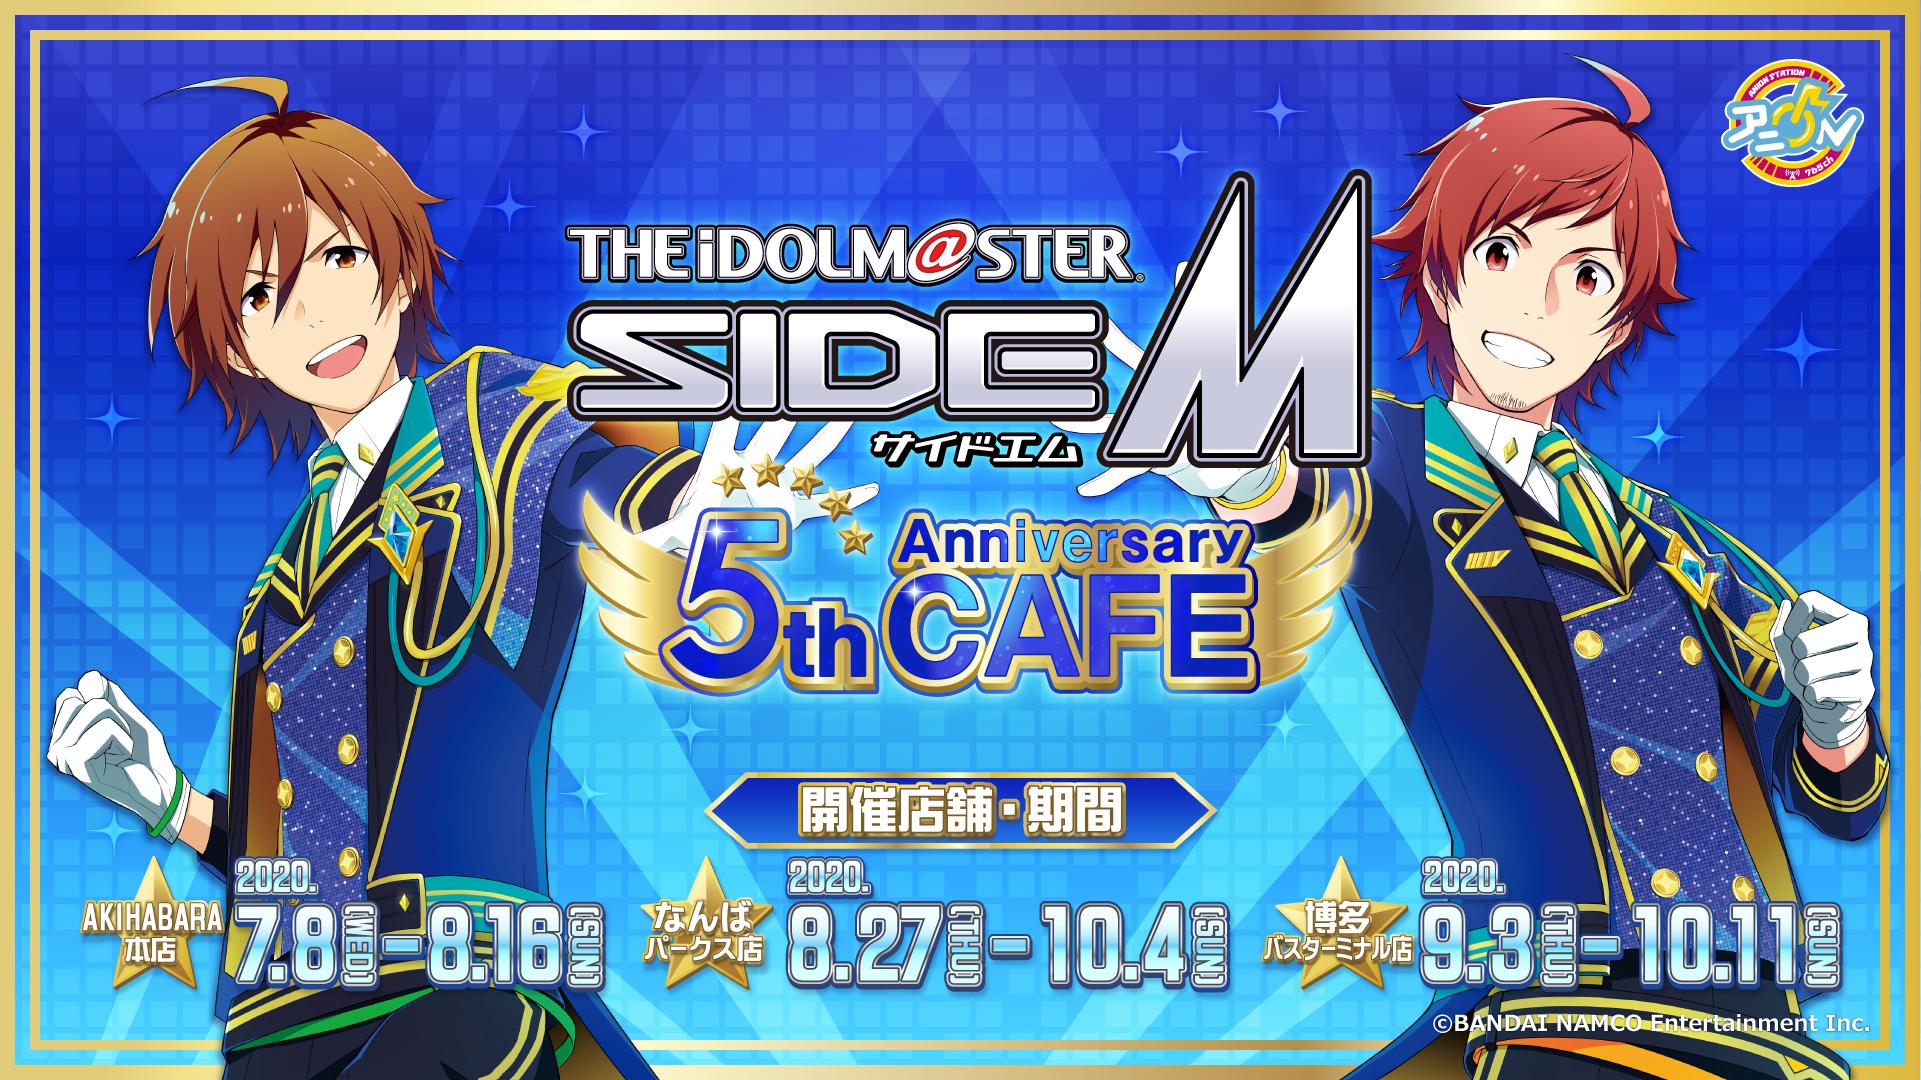 【7/16前期通常プラン AKIHABAR本店】アイドルマスター SideM 5th Anniversary CAFE